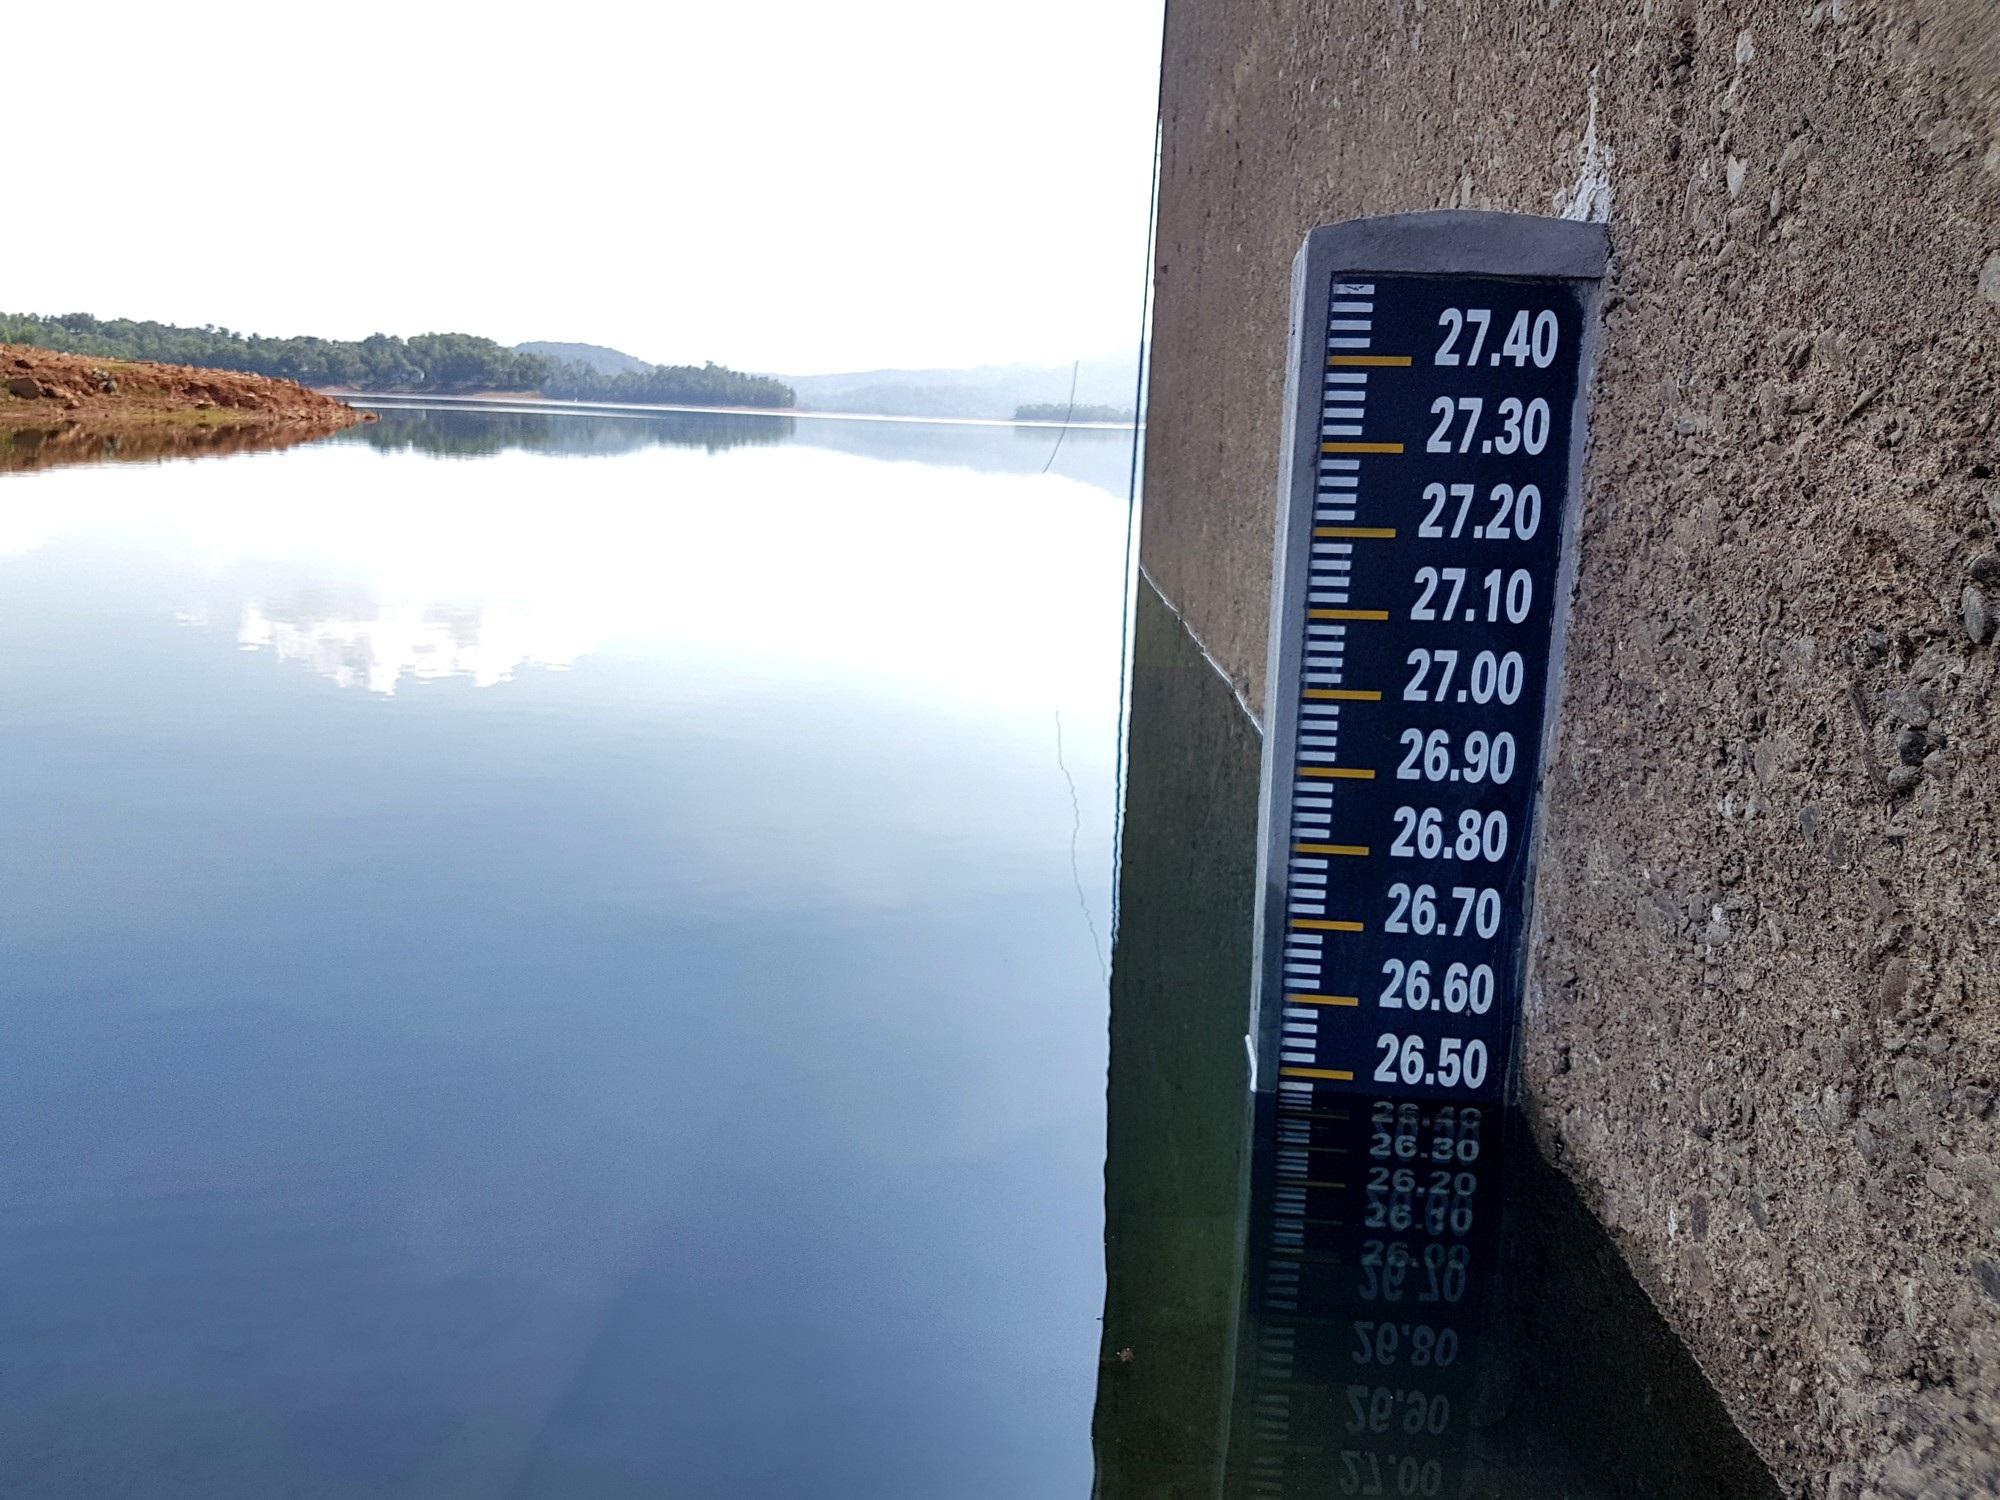 Hồ thủy lợi Phú Ninh khô cạn giữa mùa mưa - Ảnh 5.